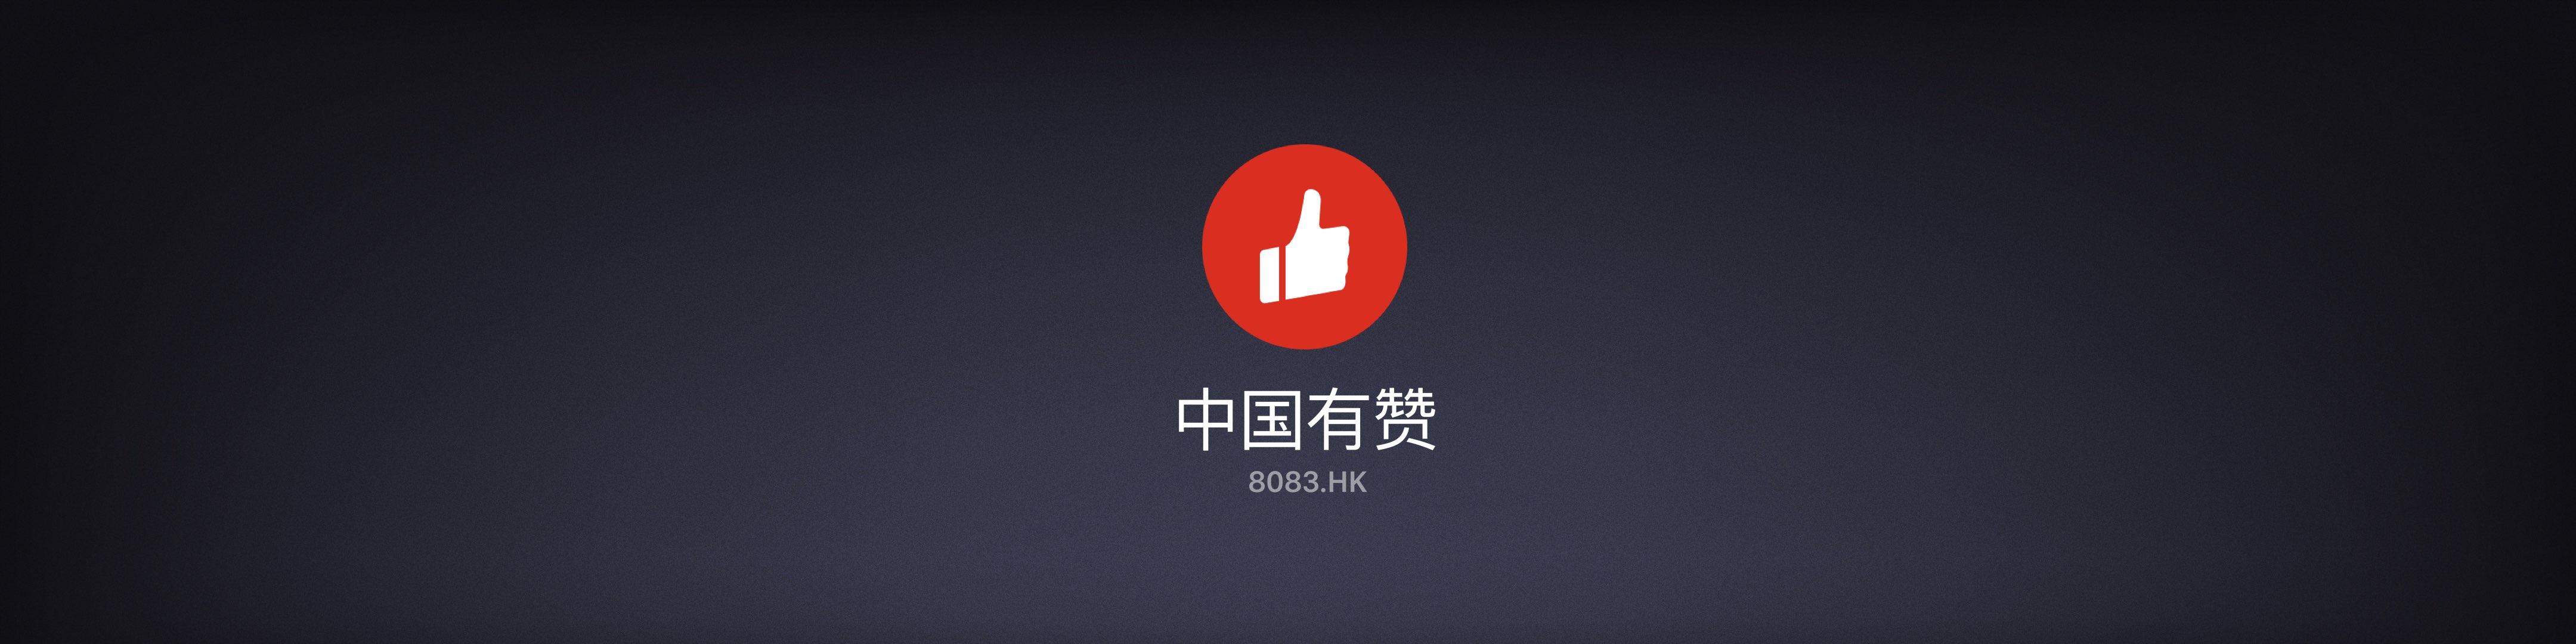 2018有赞春季沙龙-公开版.079.jpeg